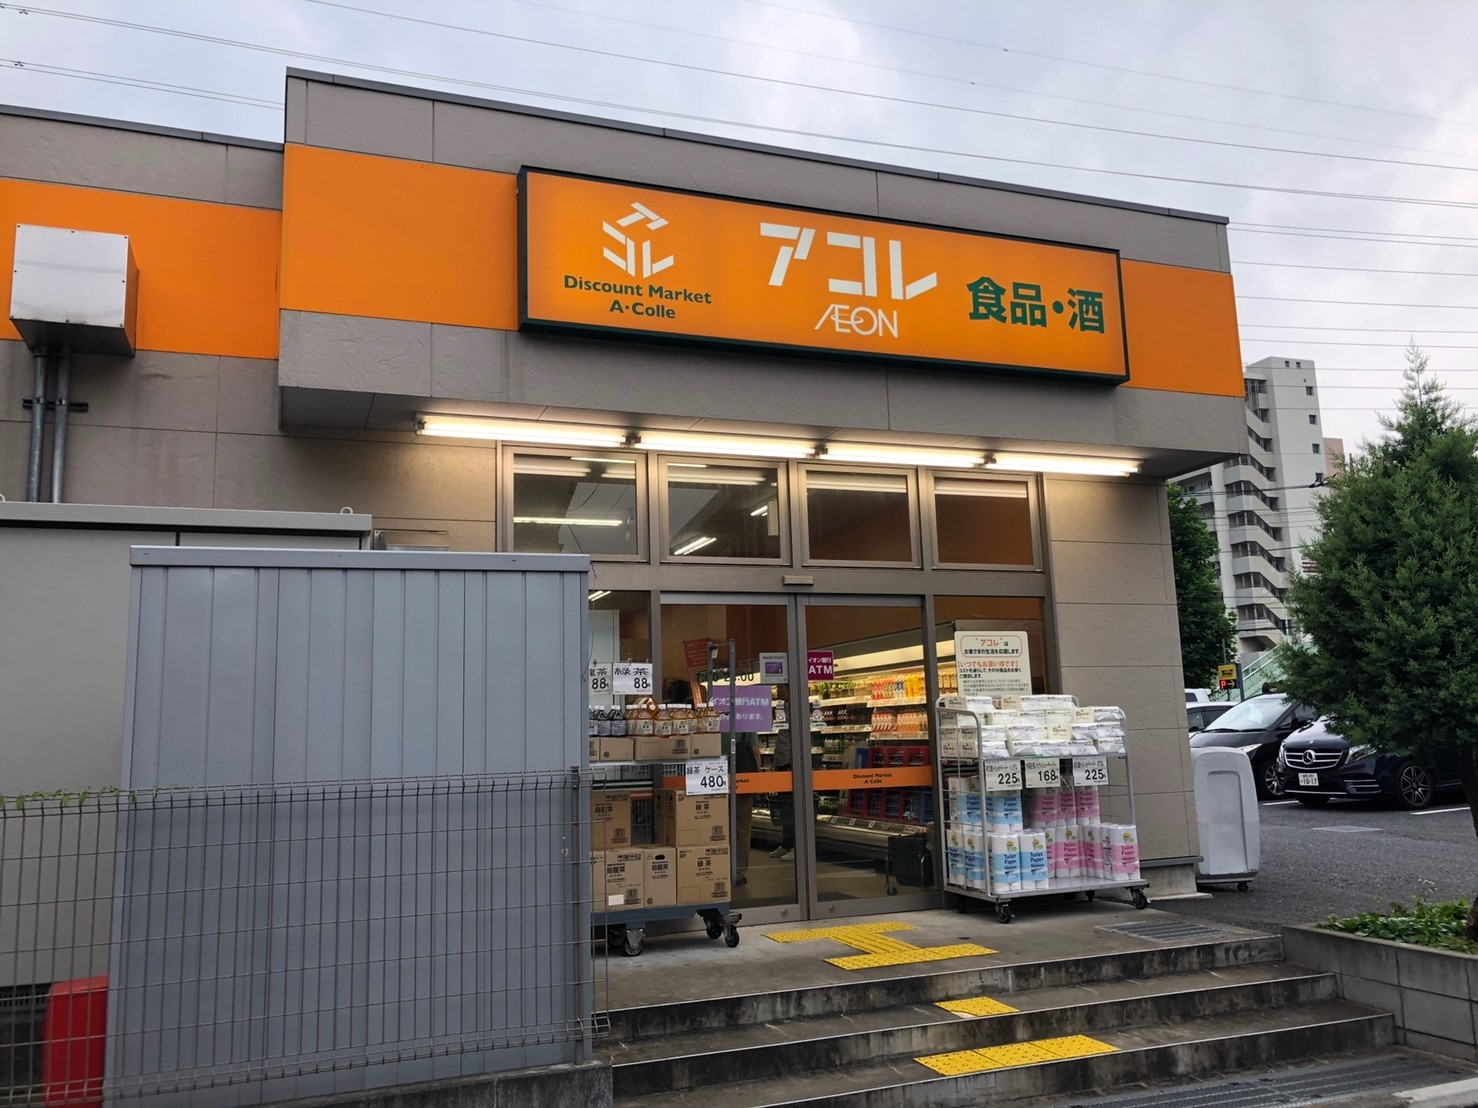 Neighborhood shops